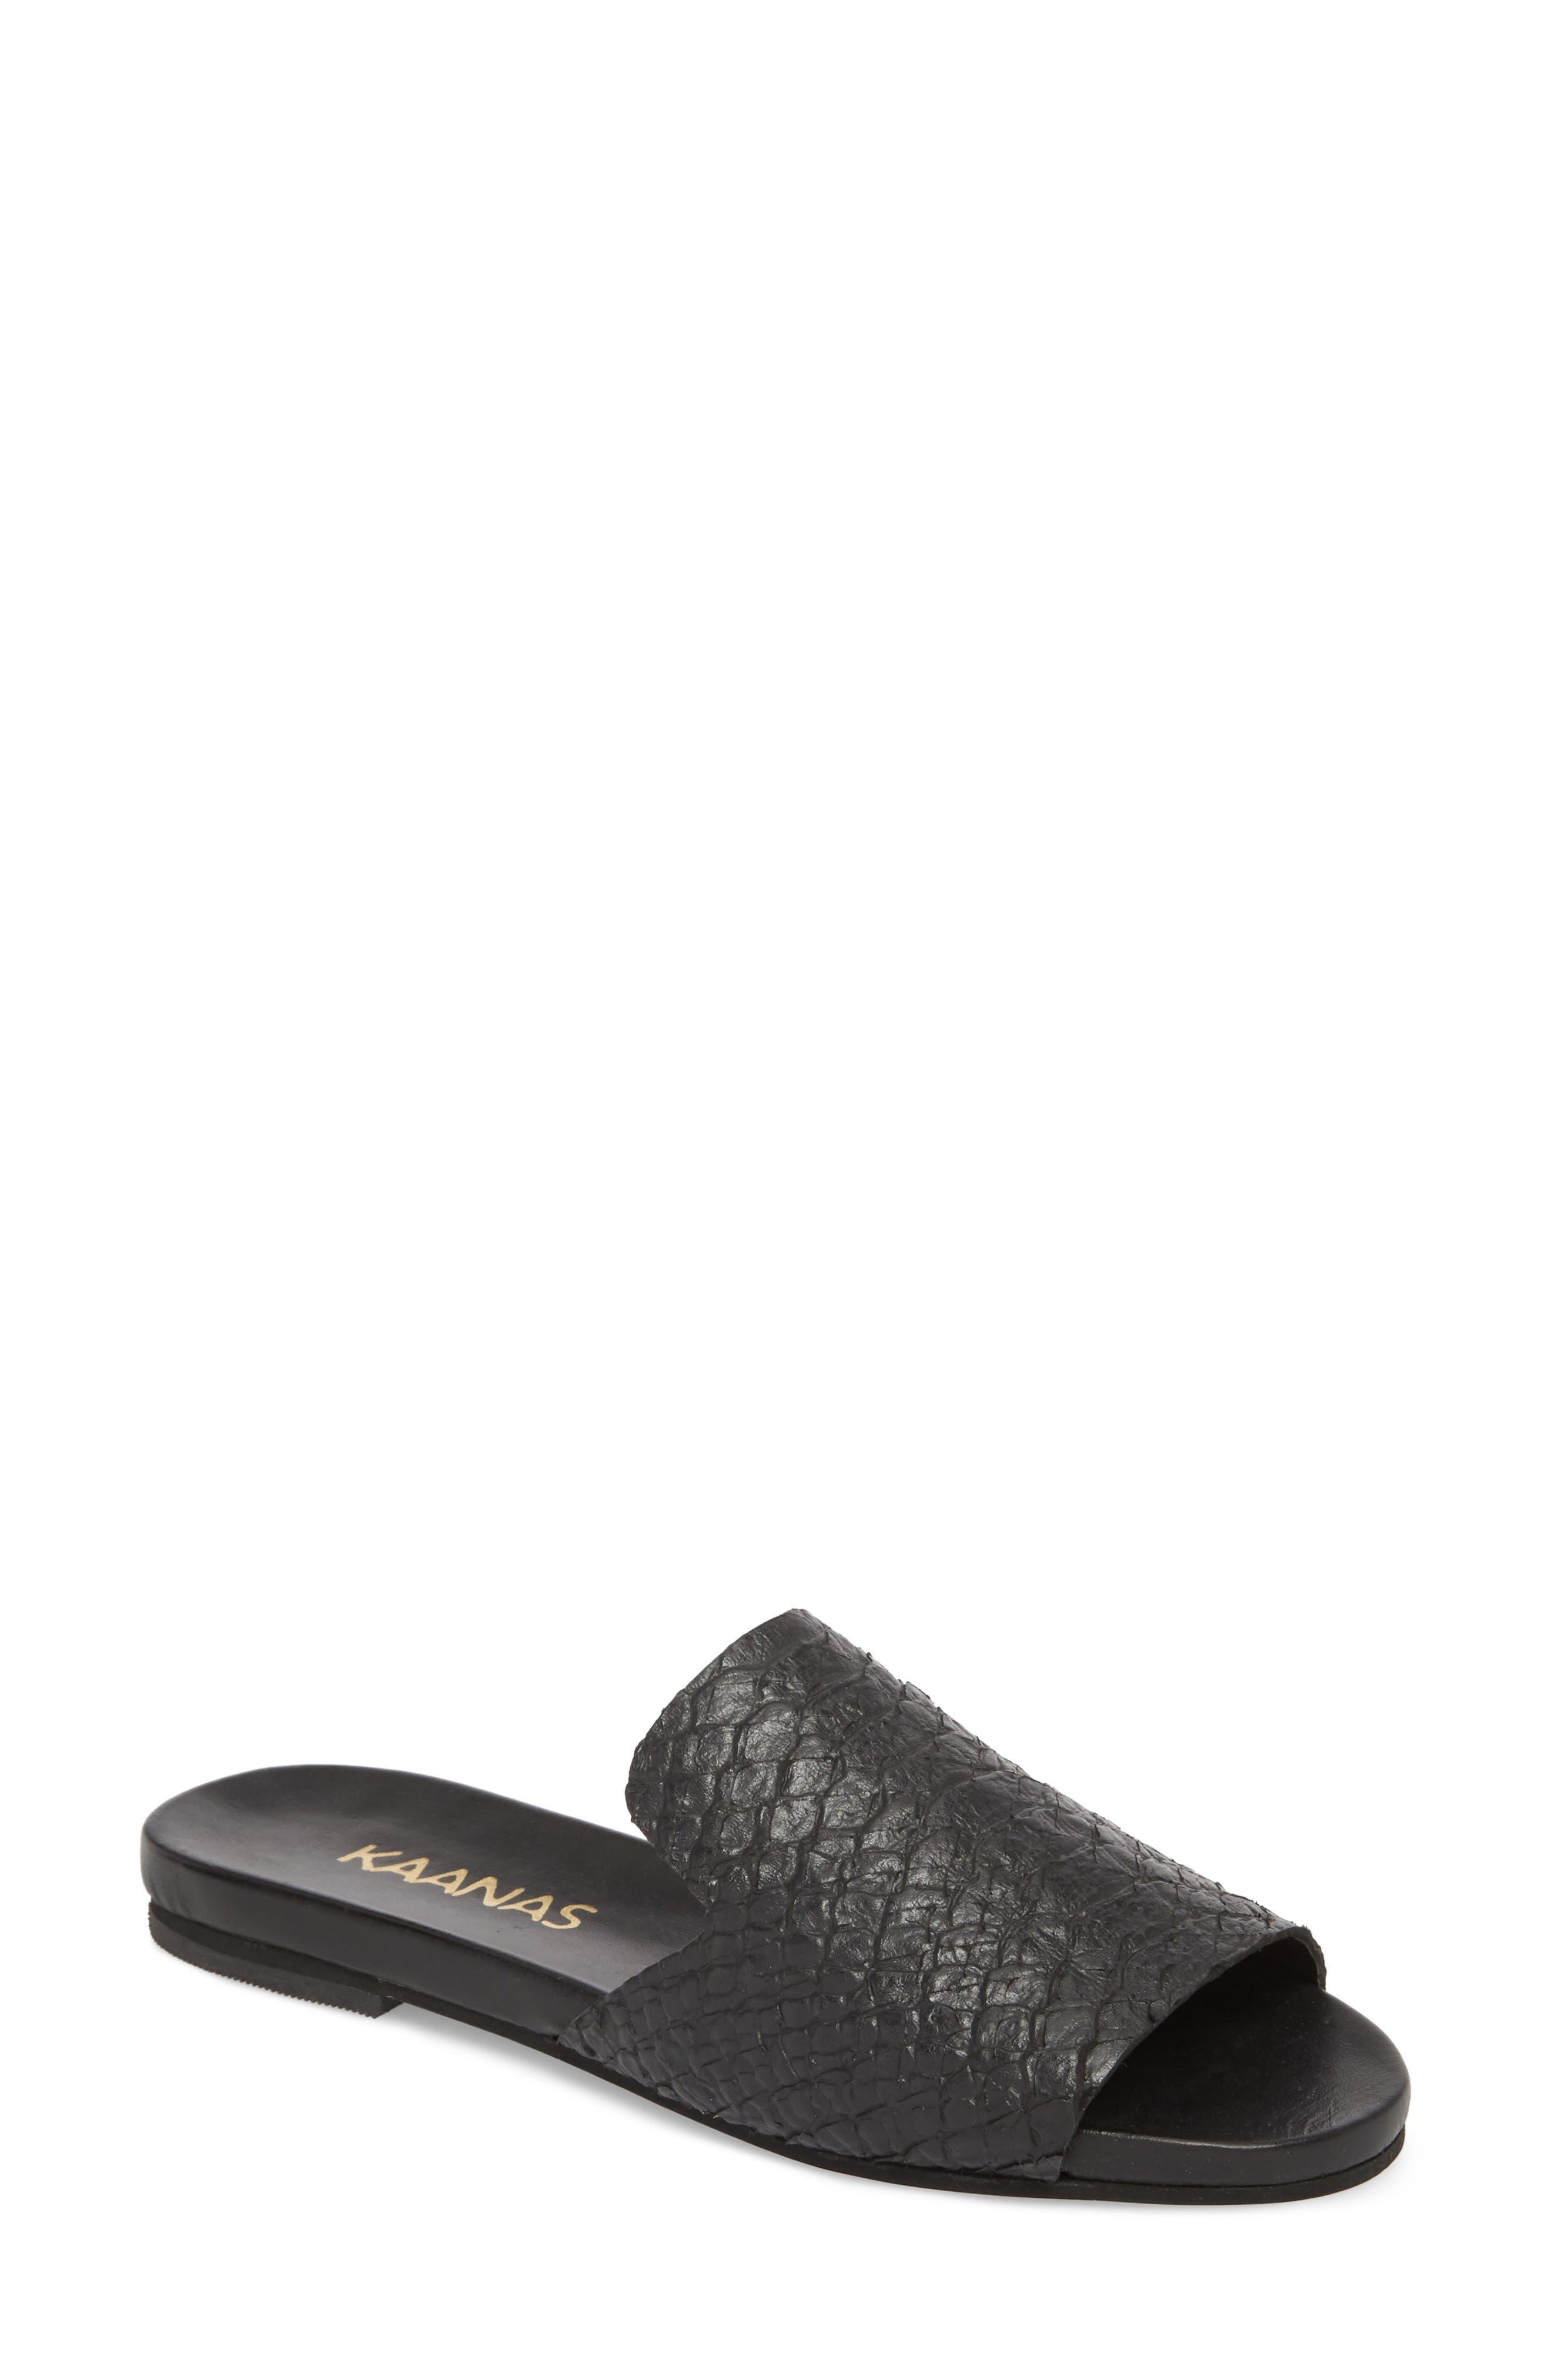 Leticia Loafer Mule Sandal,                         Main,                         color, BLACK